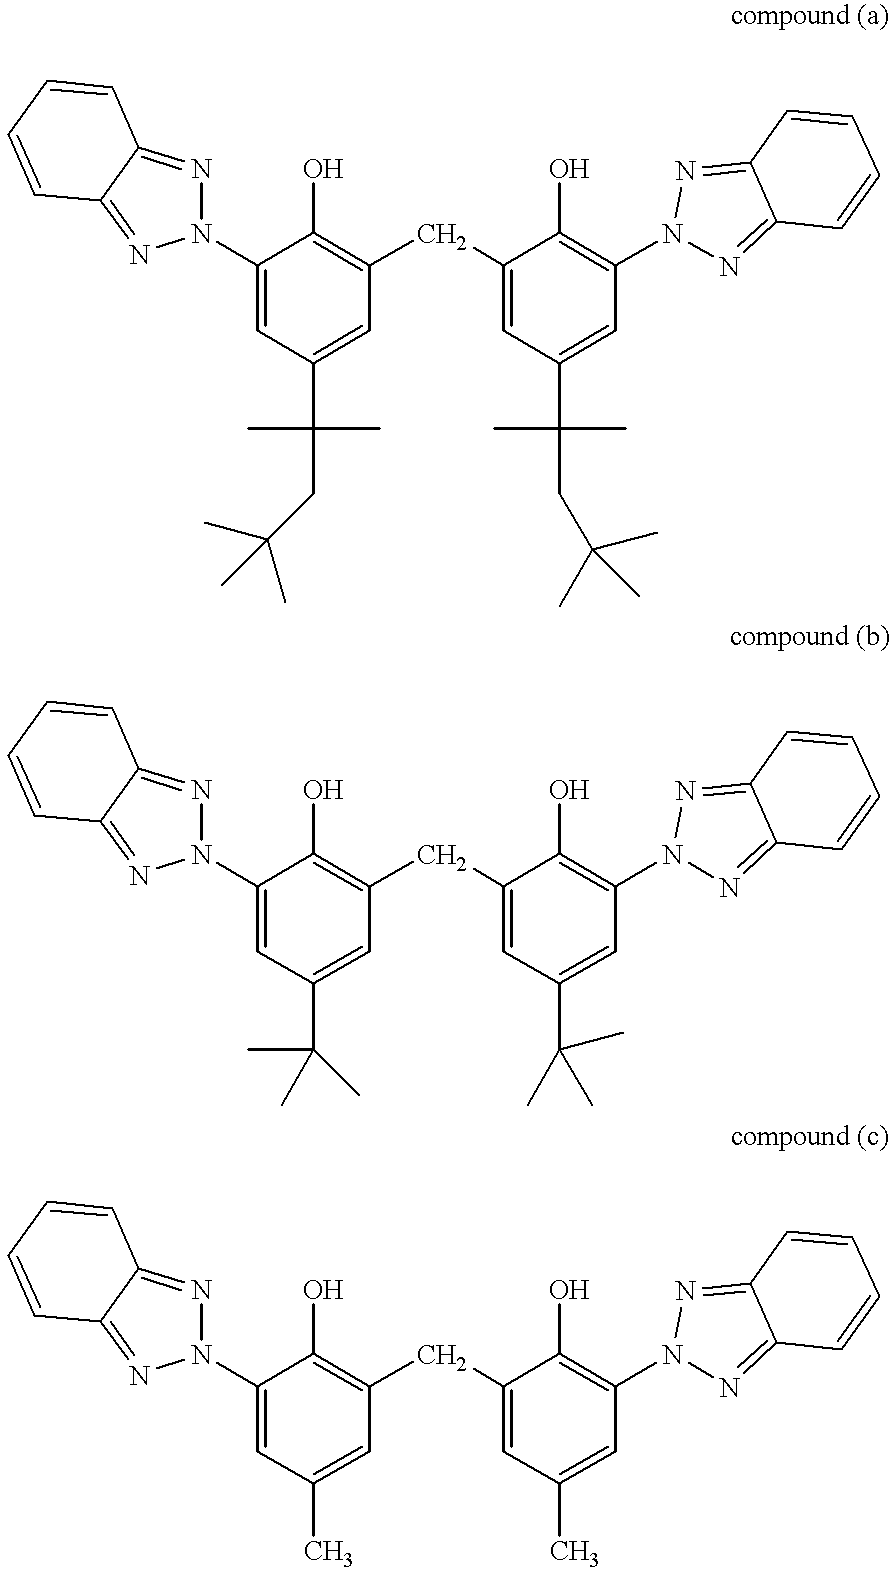 Figure US06416748-20020709-C00014